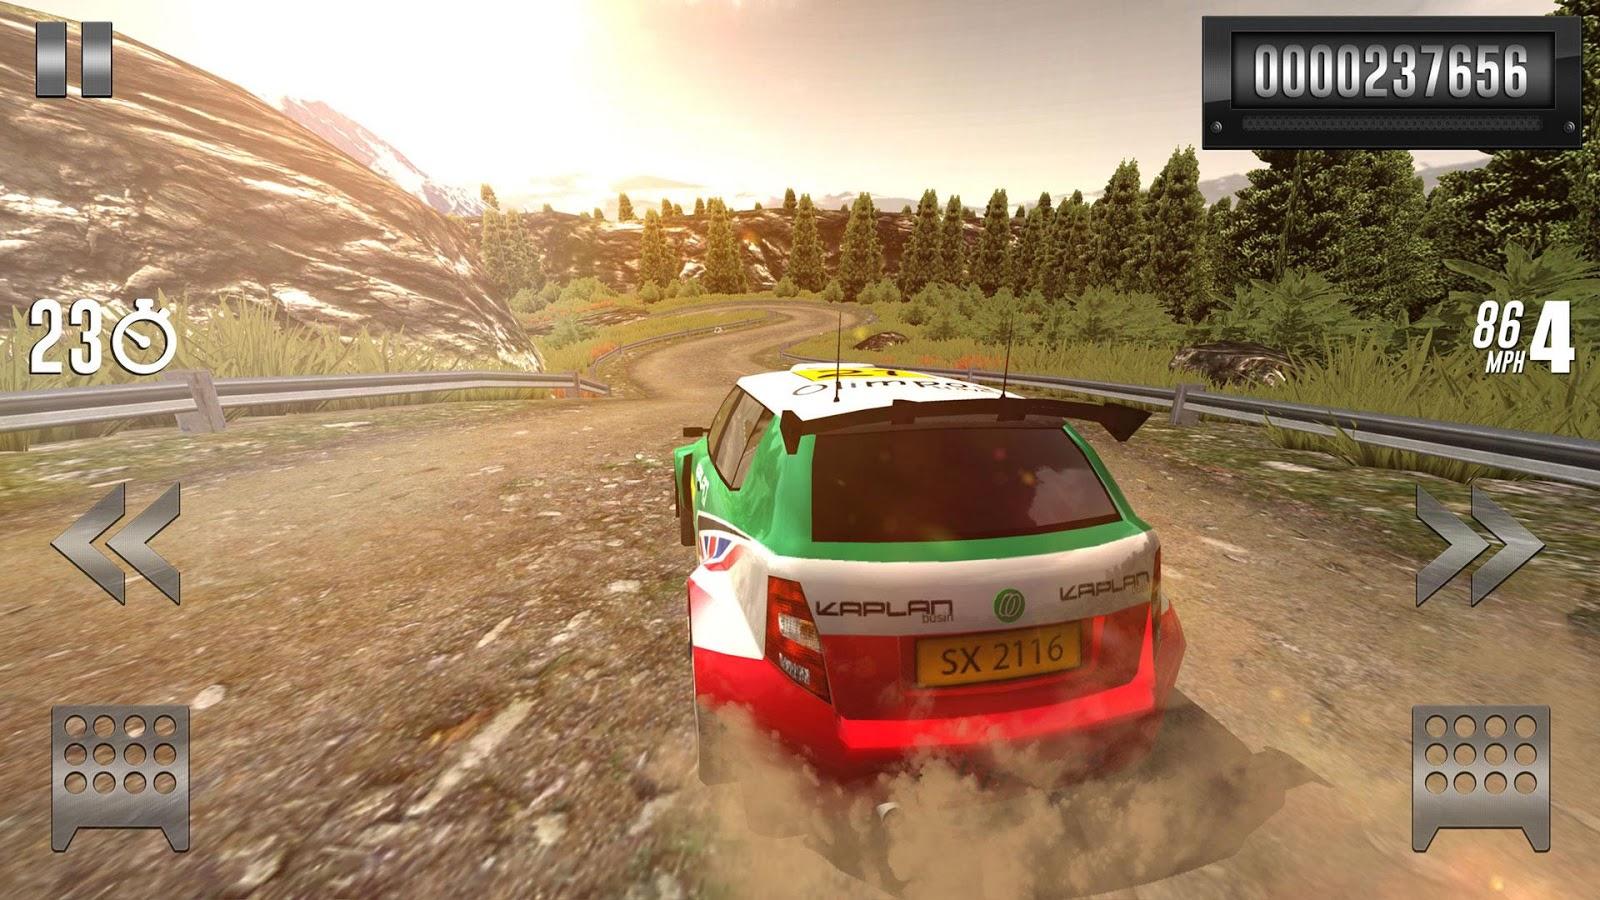 Игра real drift car racing free на андроид скачать бесплатно.